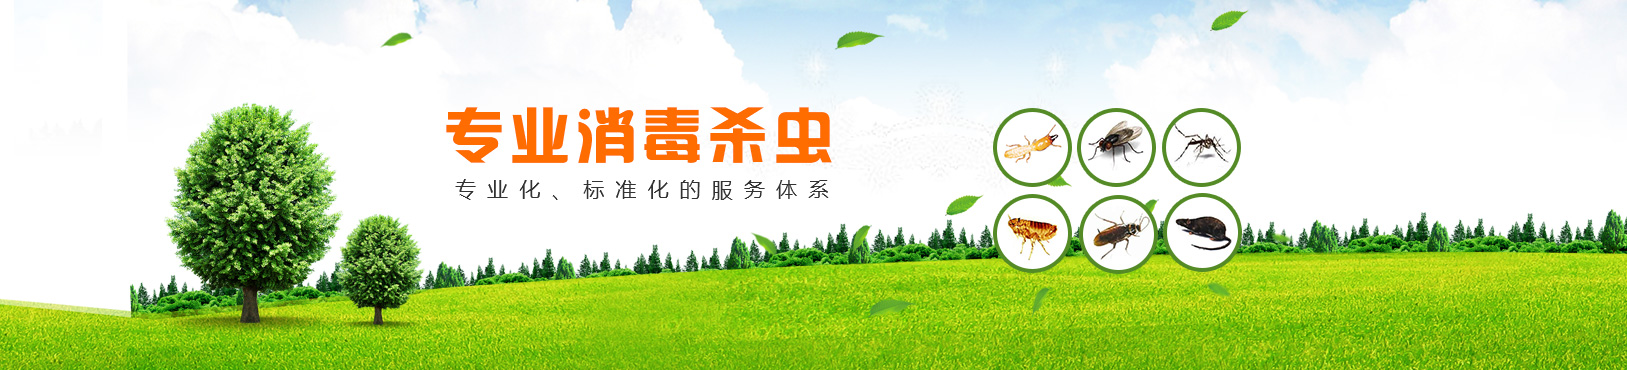 重庆杏耀平台注册登录公司